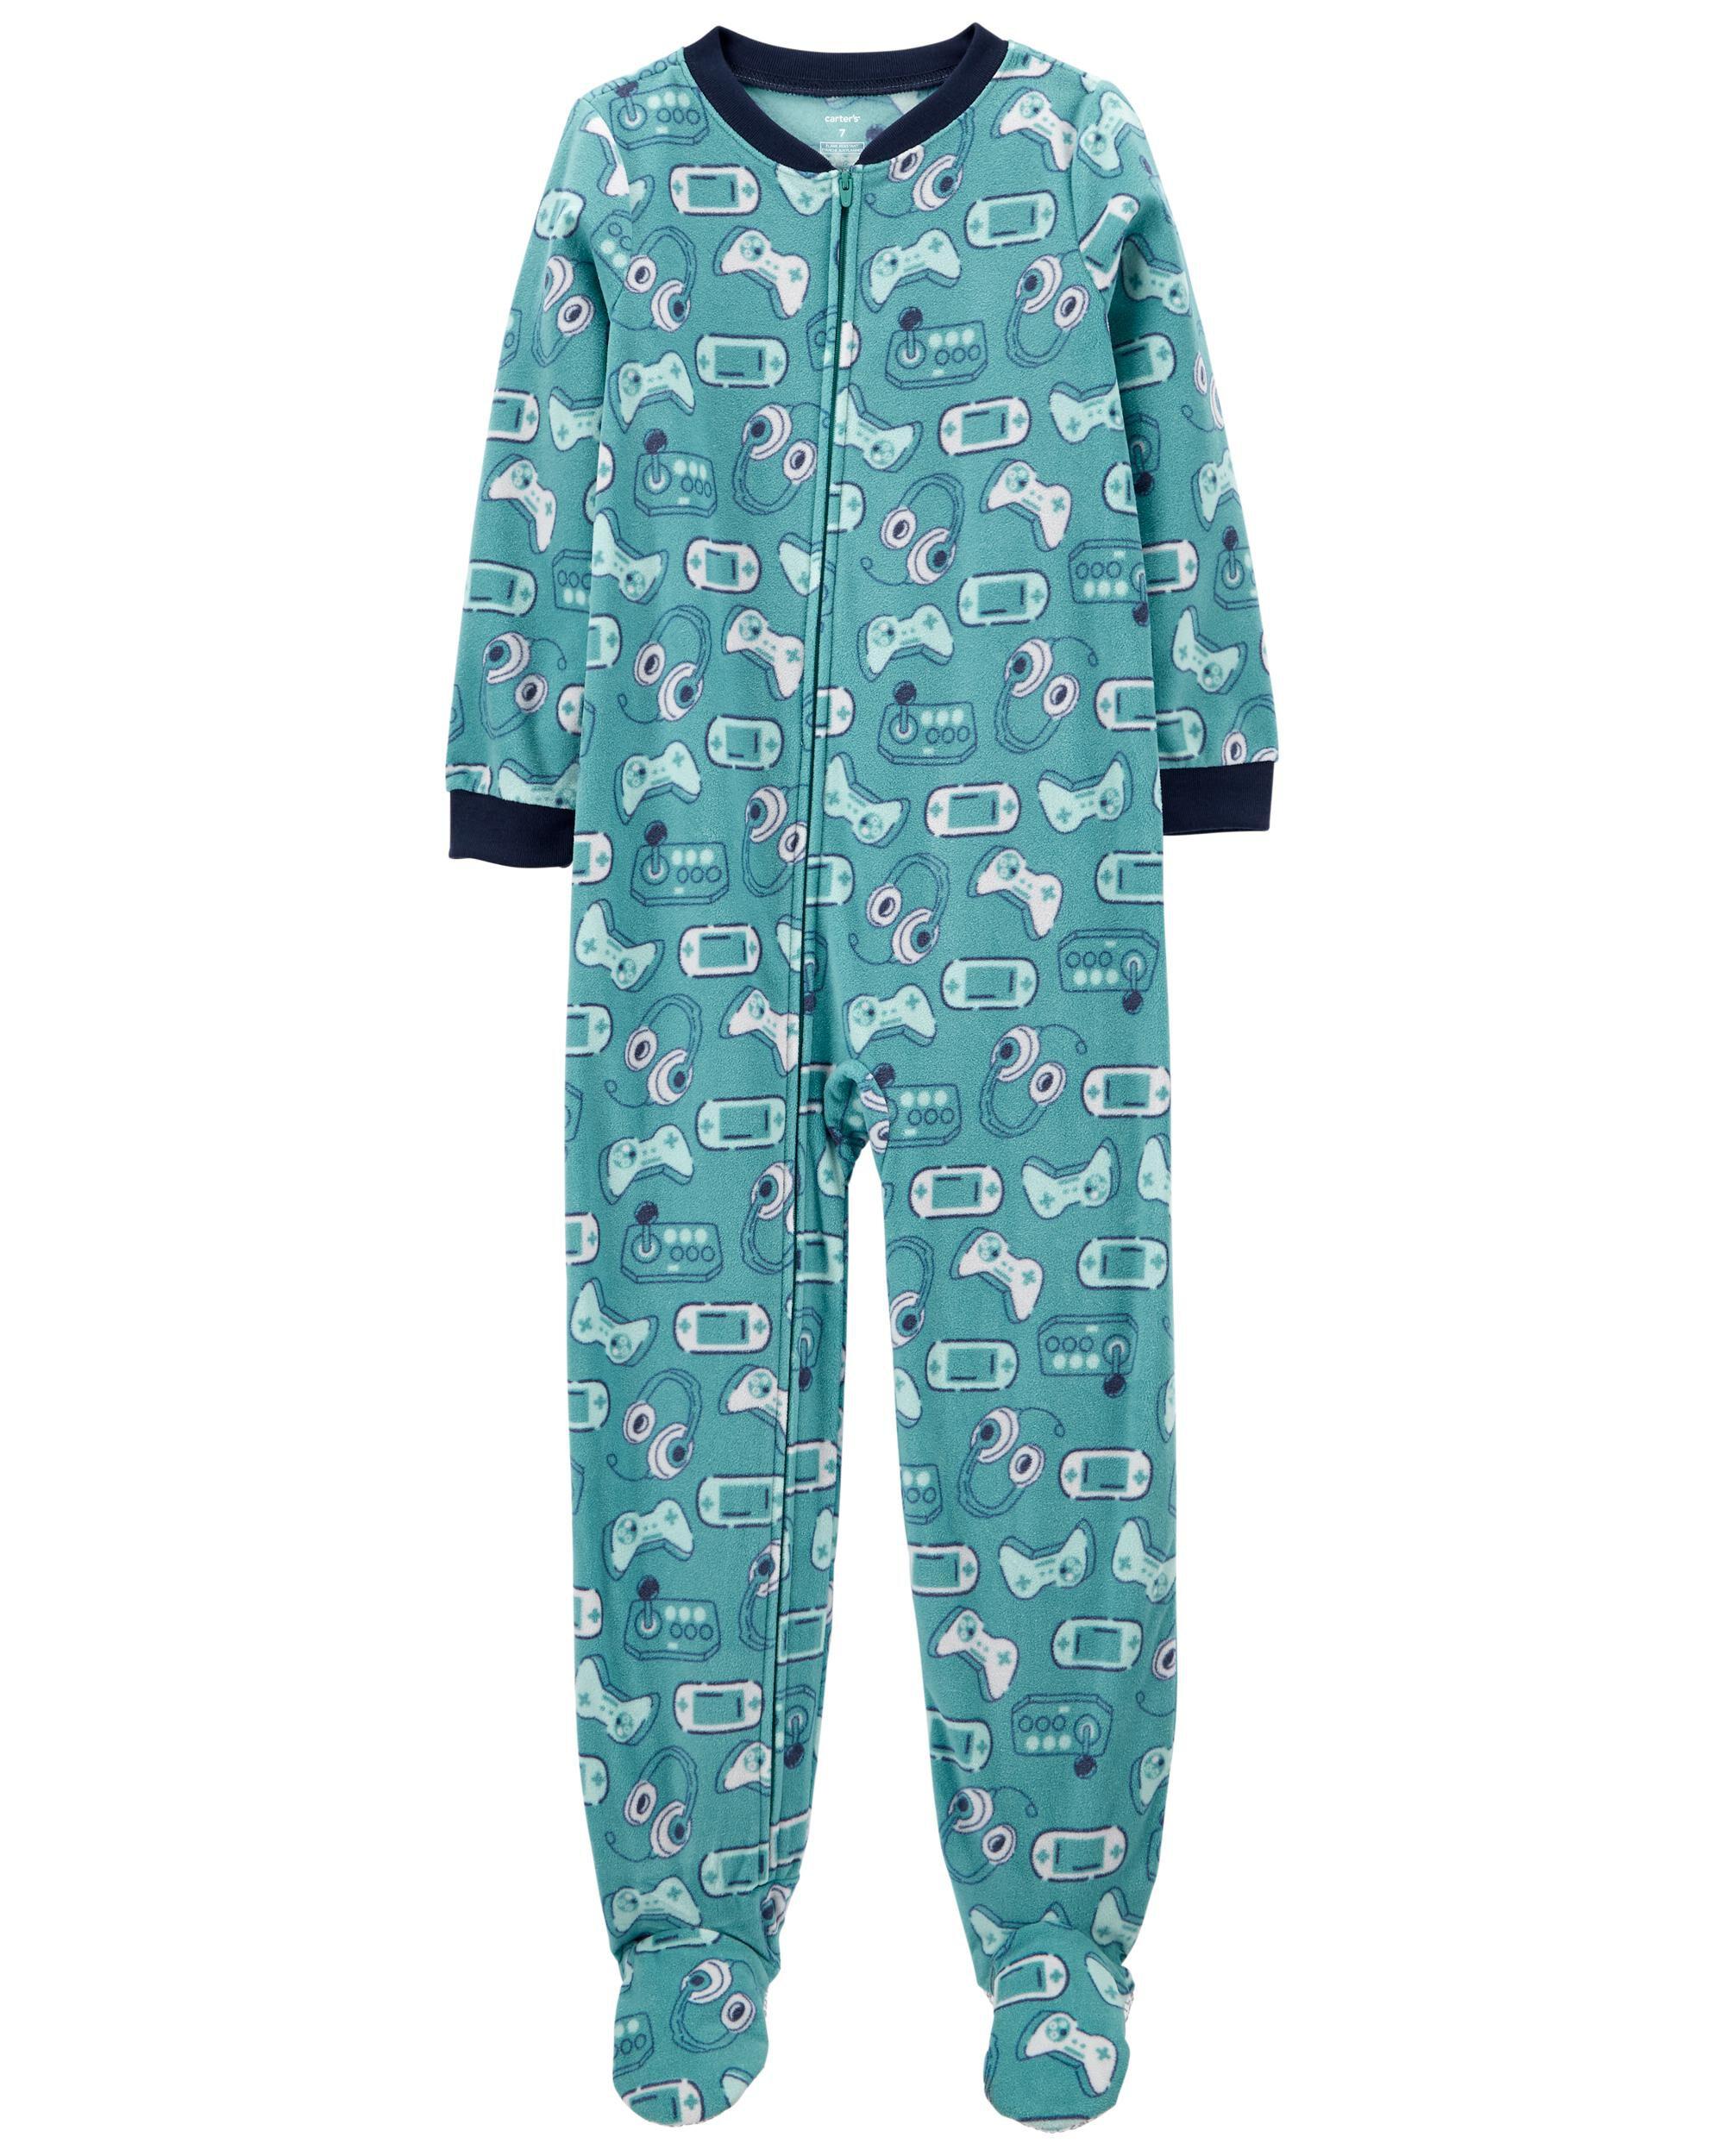 *DOORBUSTER*1-Piece Video Games Fleece Footie PJs